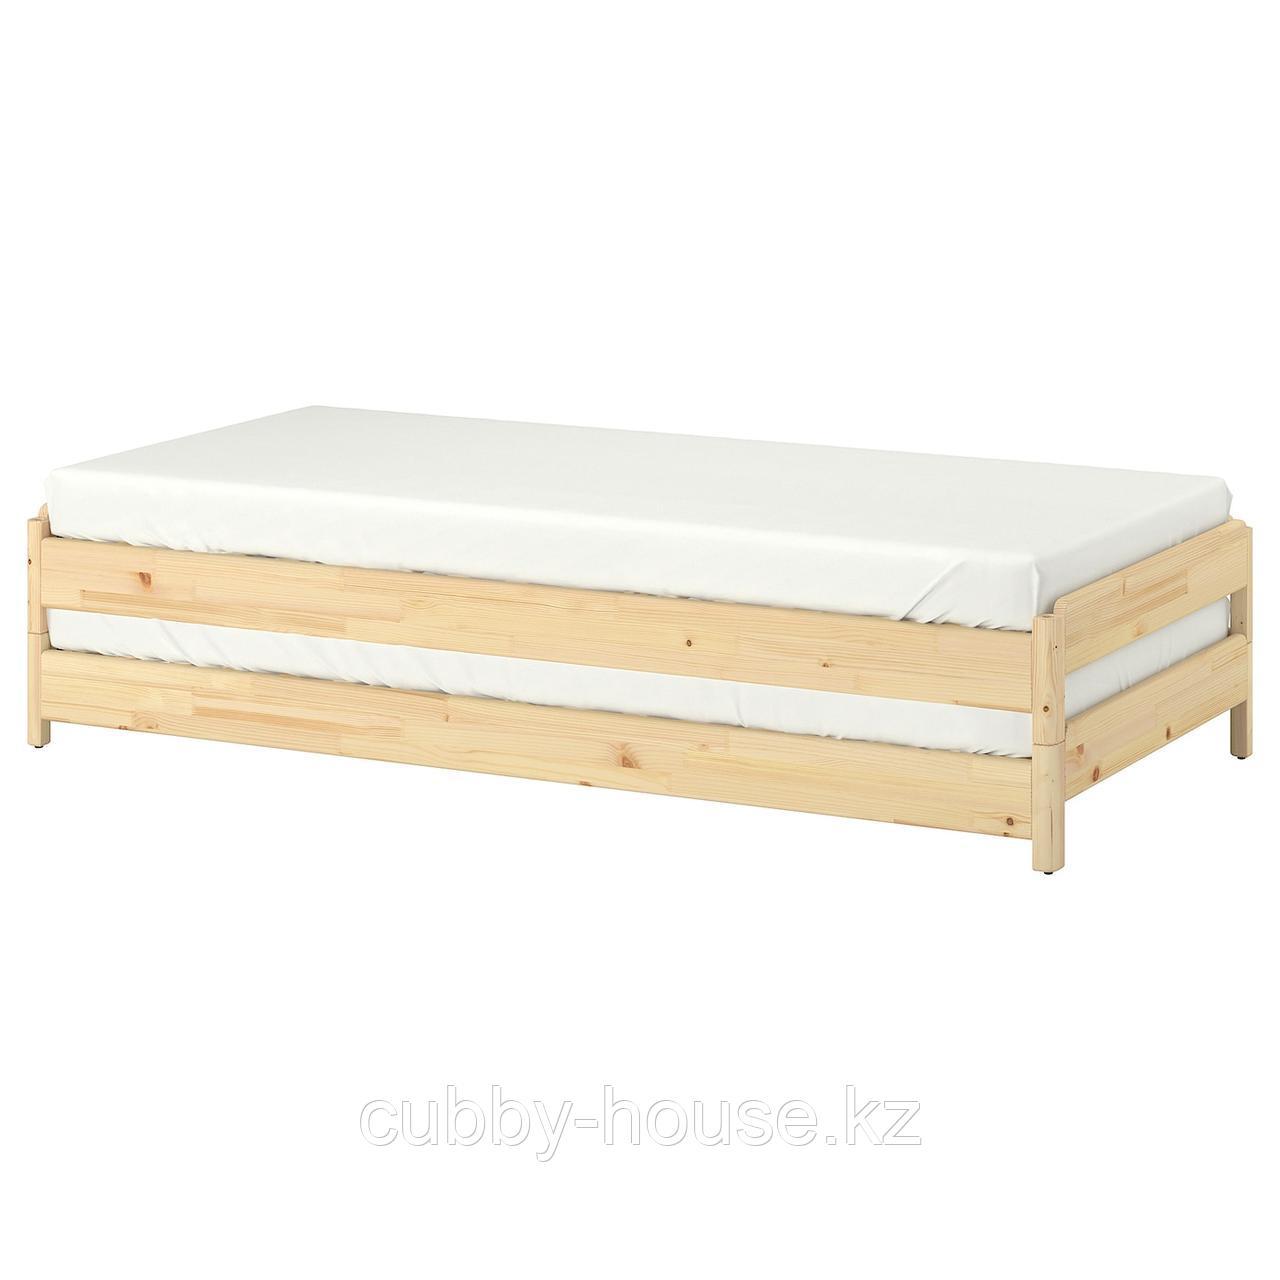 УТОКЕР Штабелируемые кровати, сосна, 80x200 см